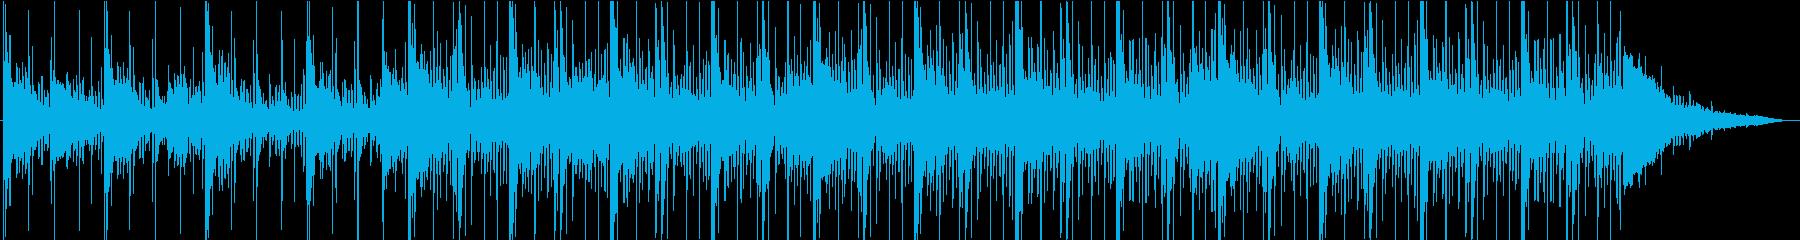 エキゾチックなアフリカンBGMの再生済みの波形